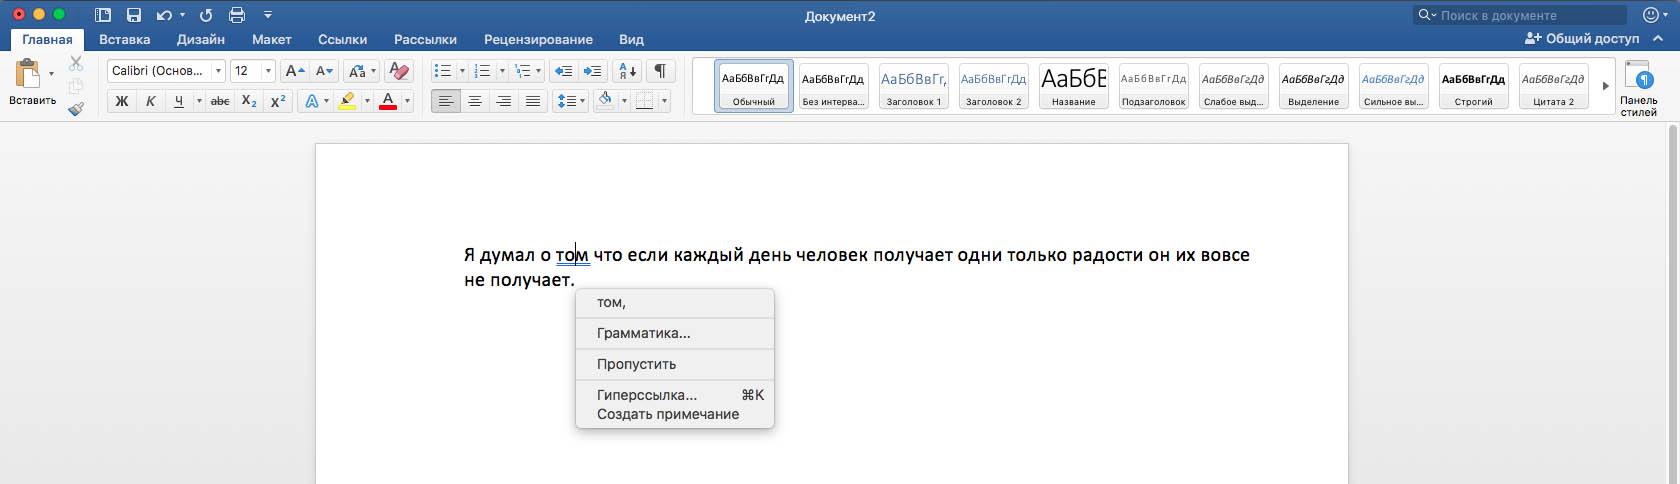 Проверка орфографии в Microsoft Word